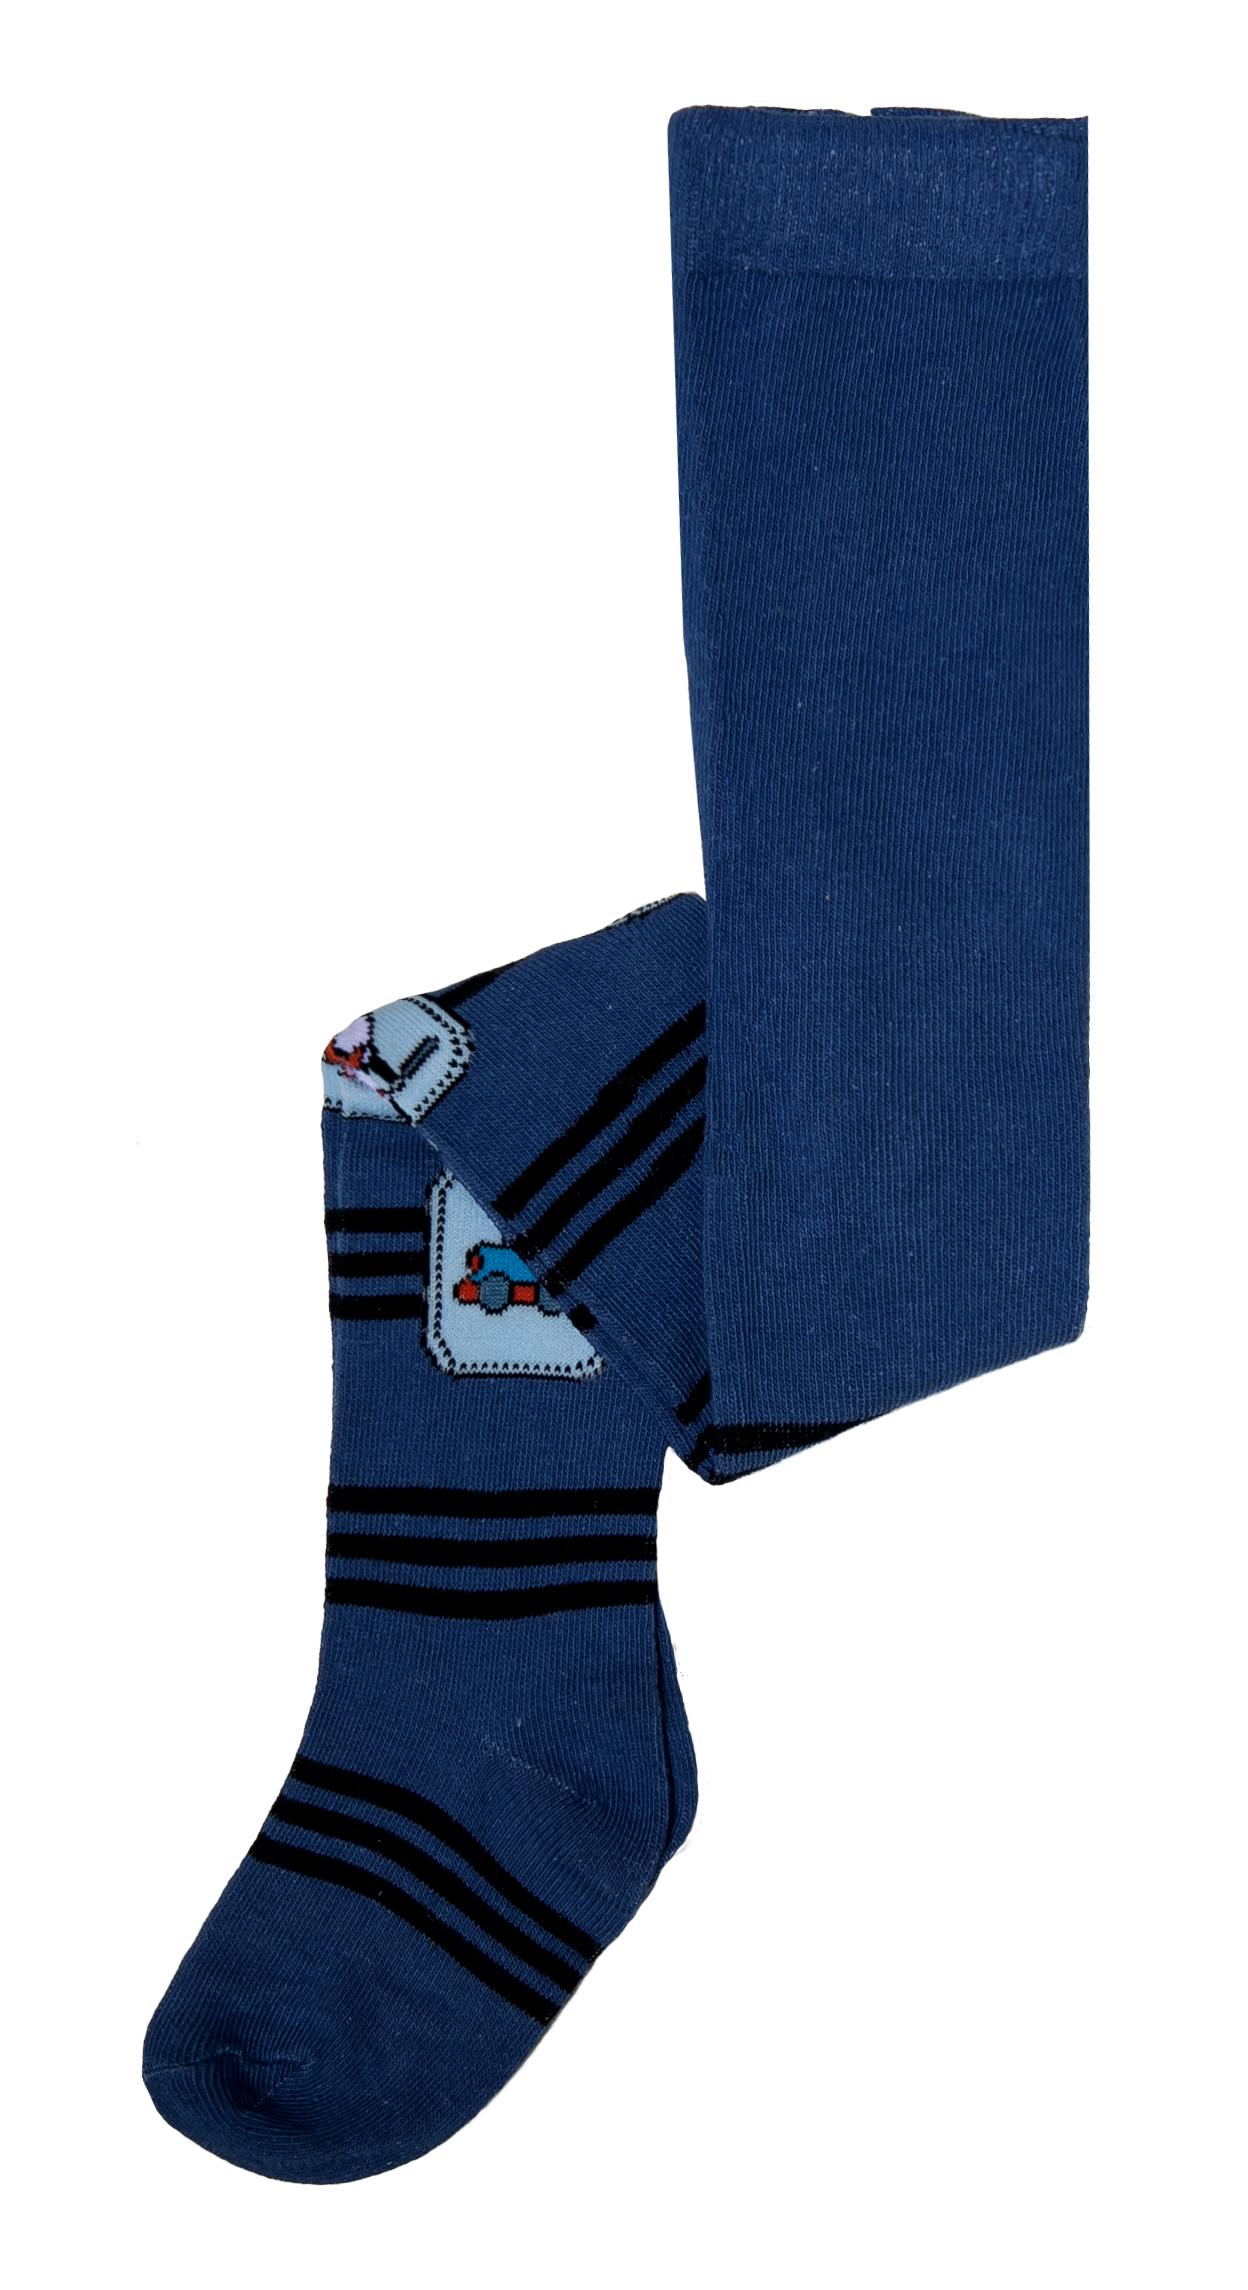 Купить Колготки для мальчика Barkito, синие, Китай, blue, Мужской